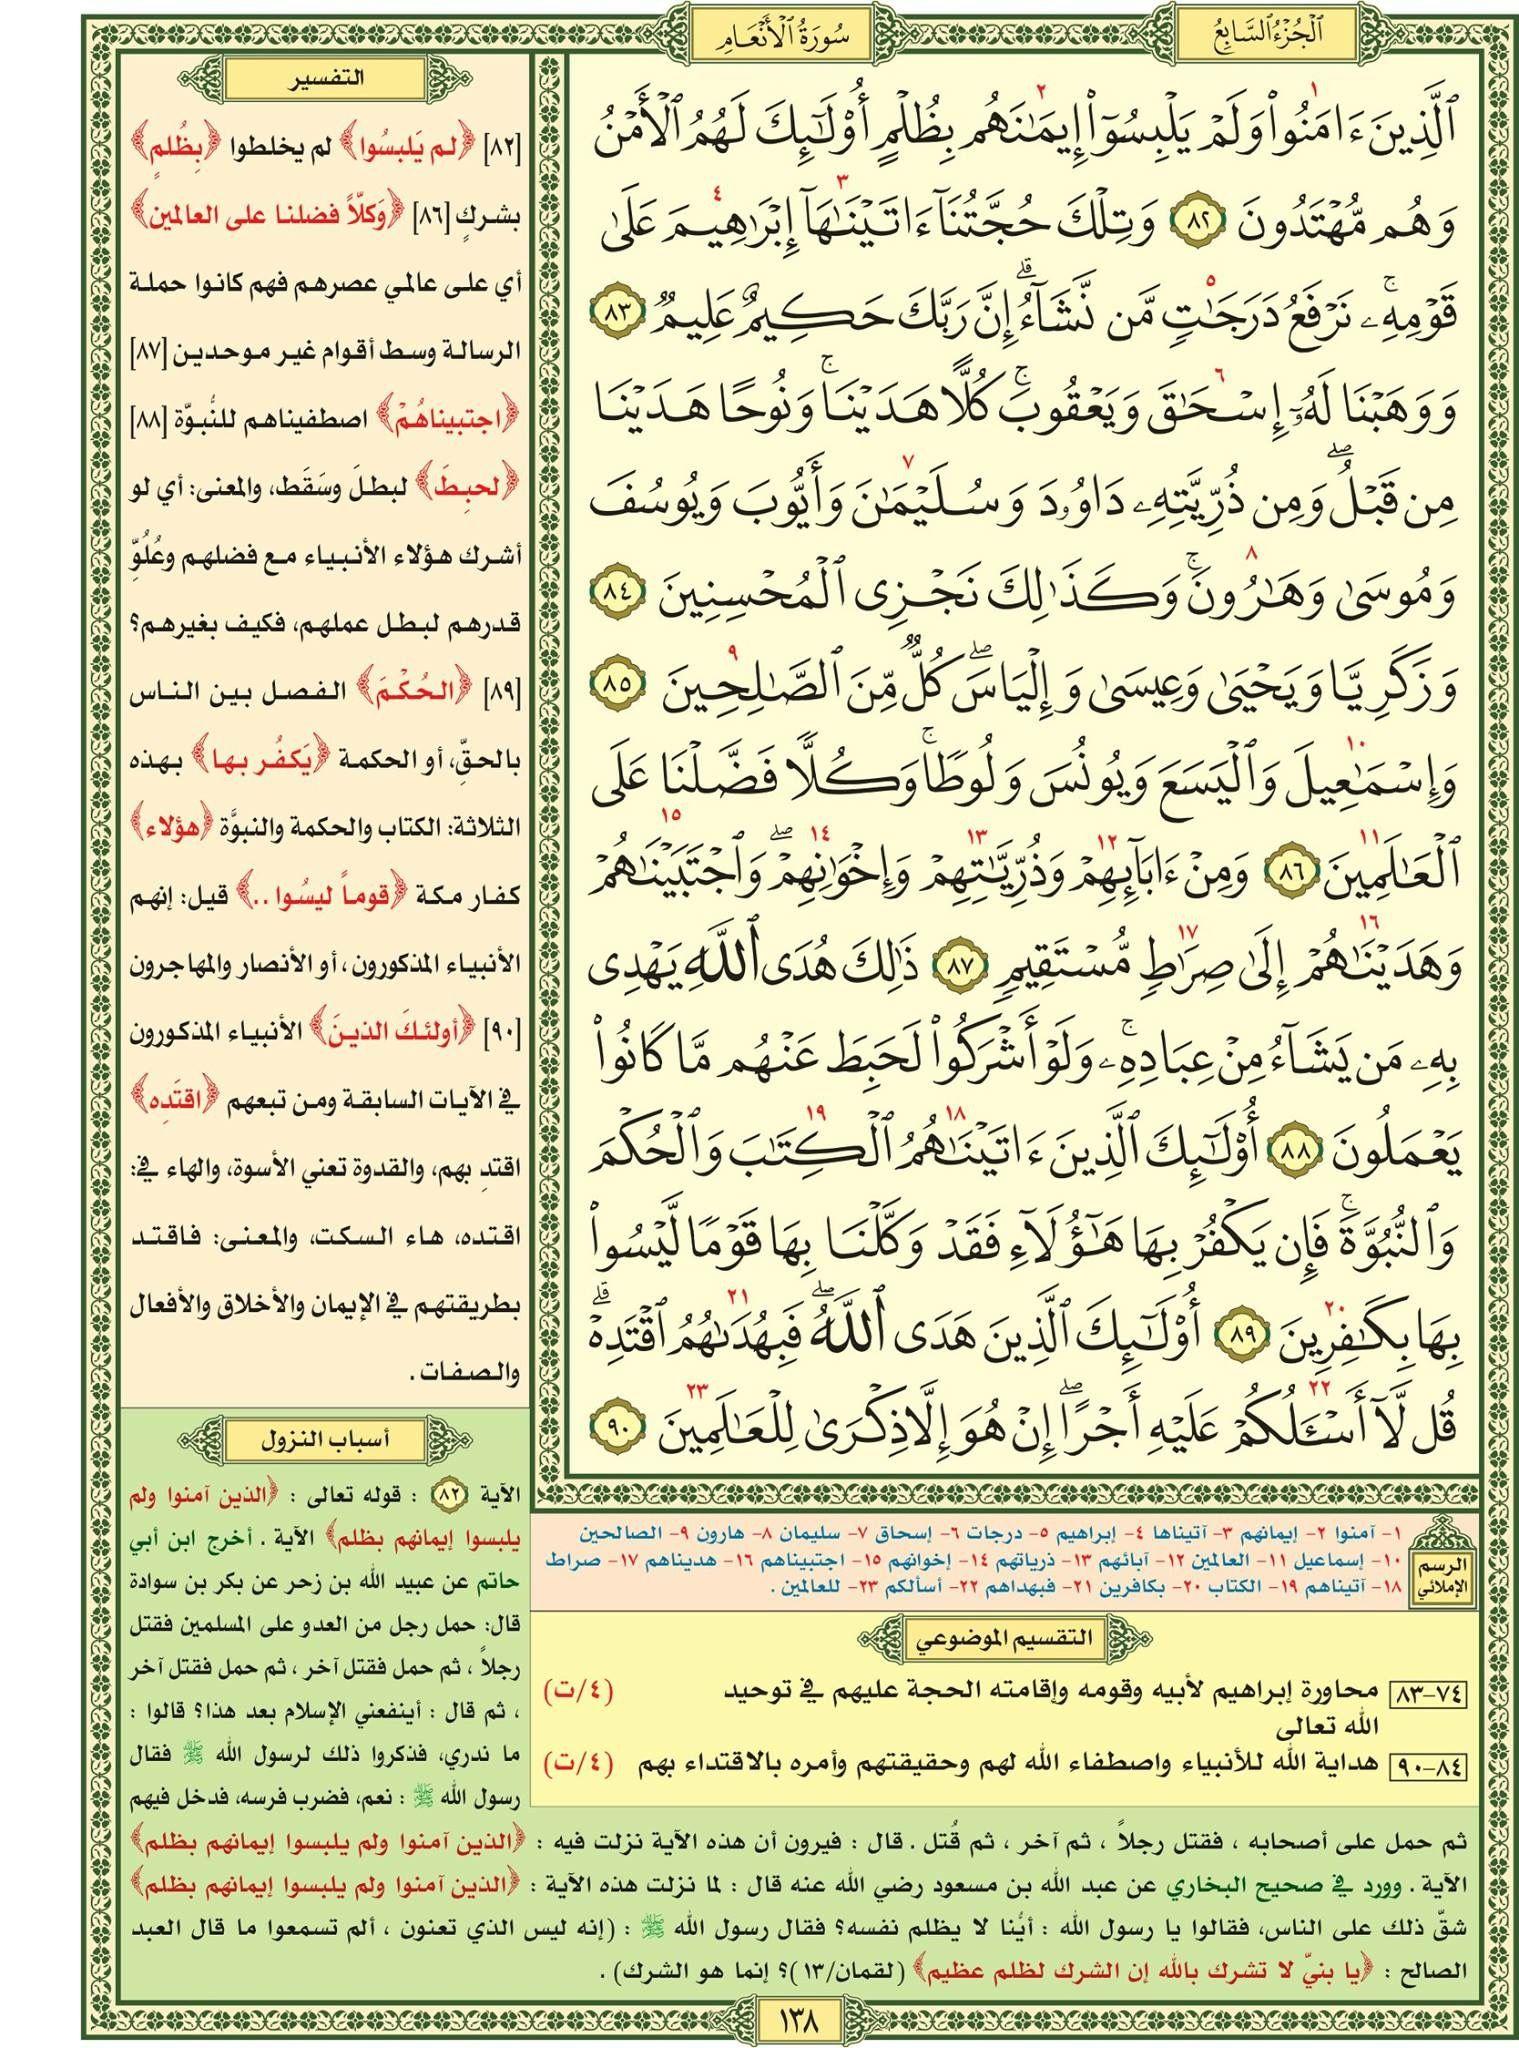 سورة الأنعام صفحة ١٣٨ مصحف التقسيم الموضوعي للحافظ المتقن Quran Verses Verses Quran